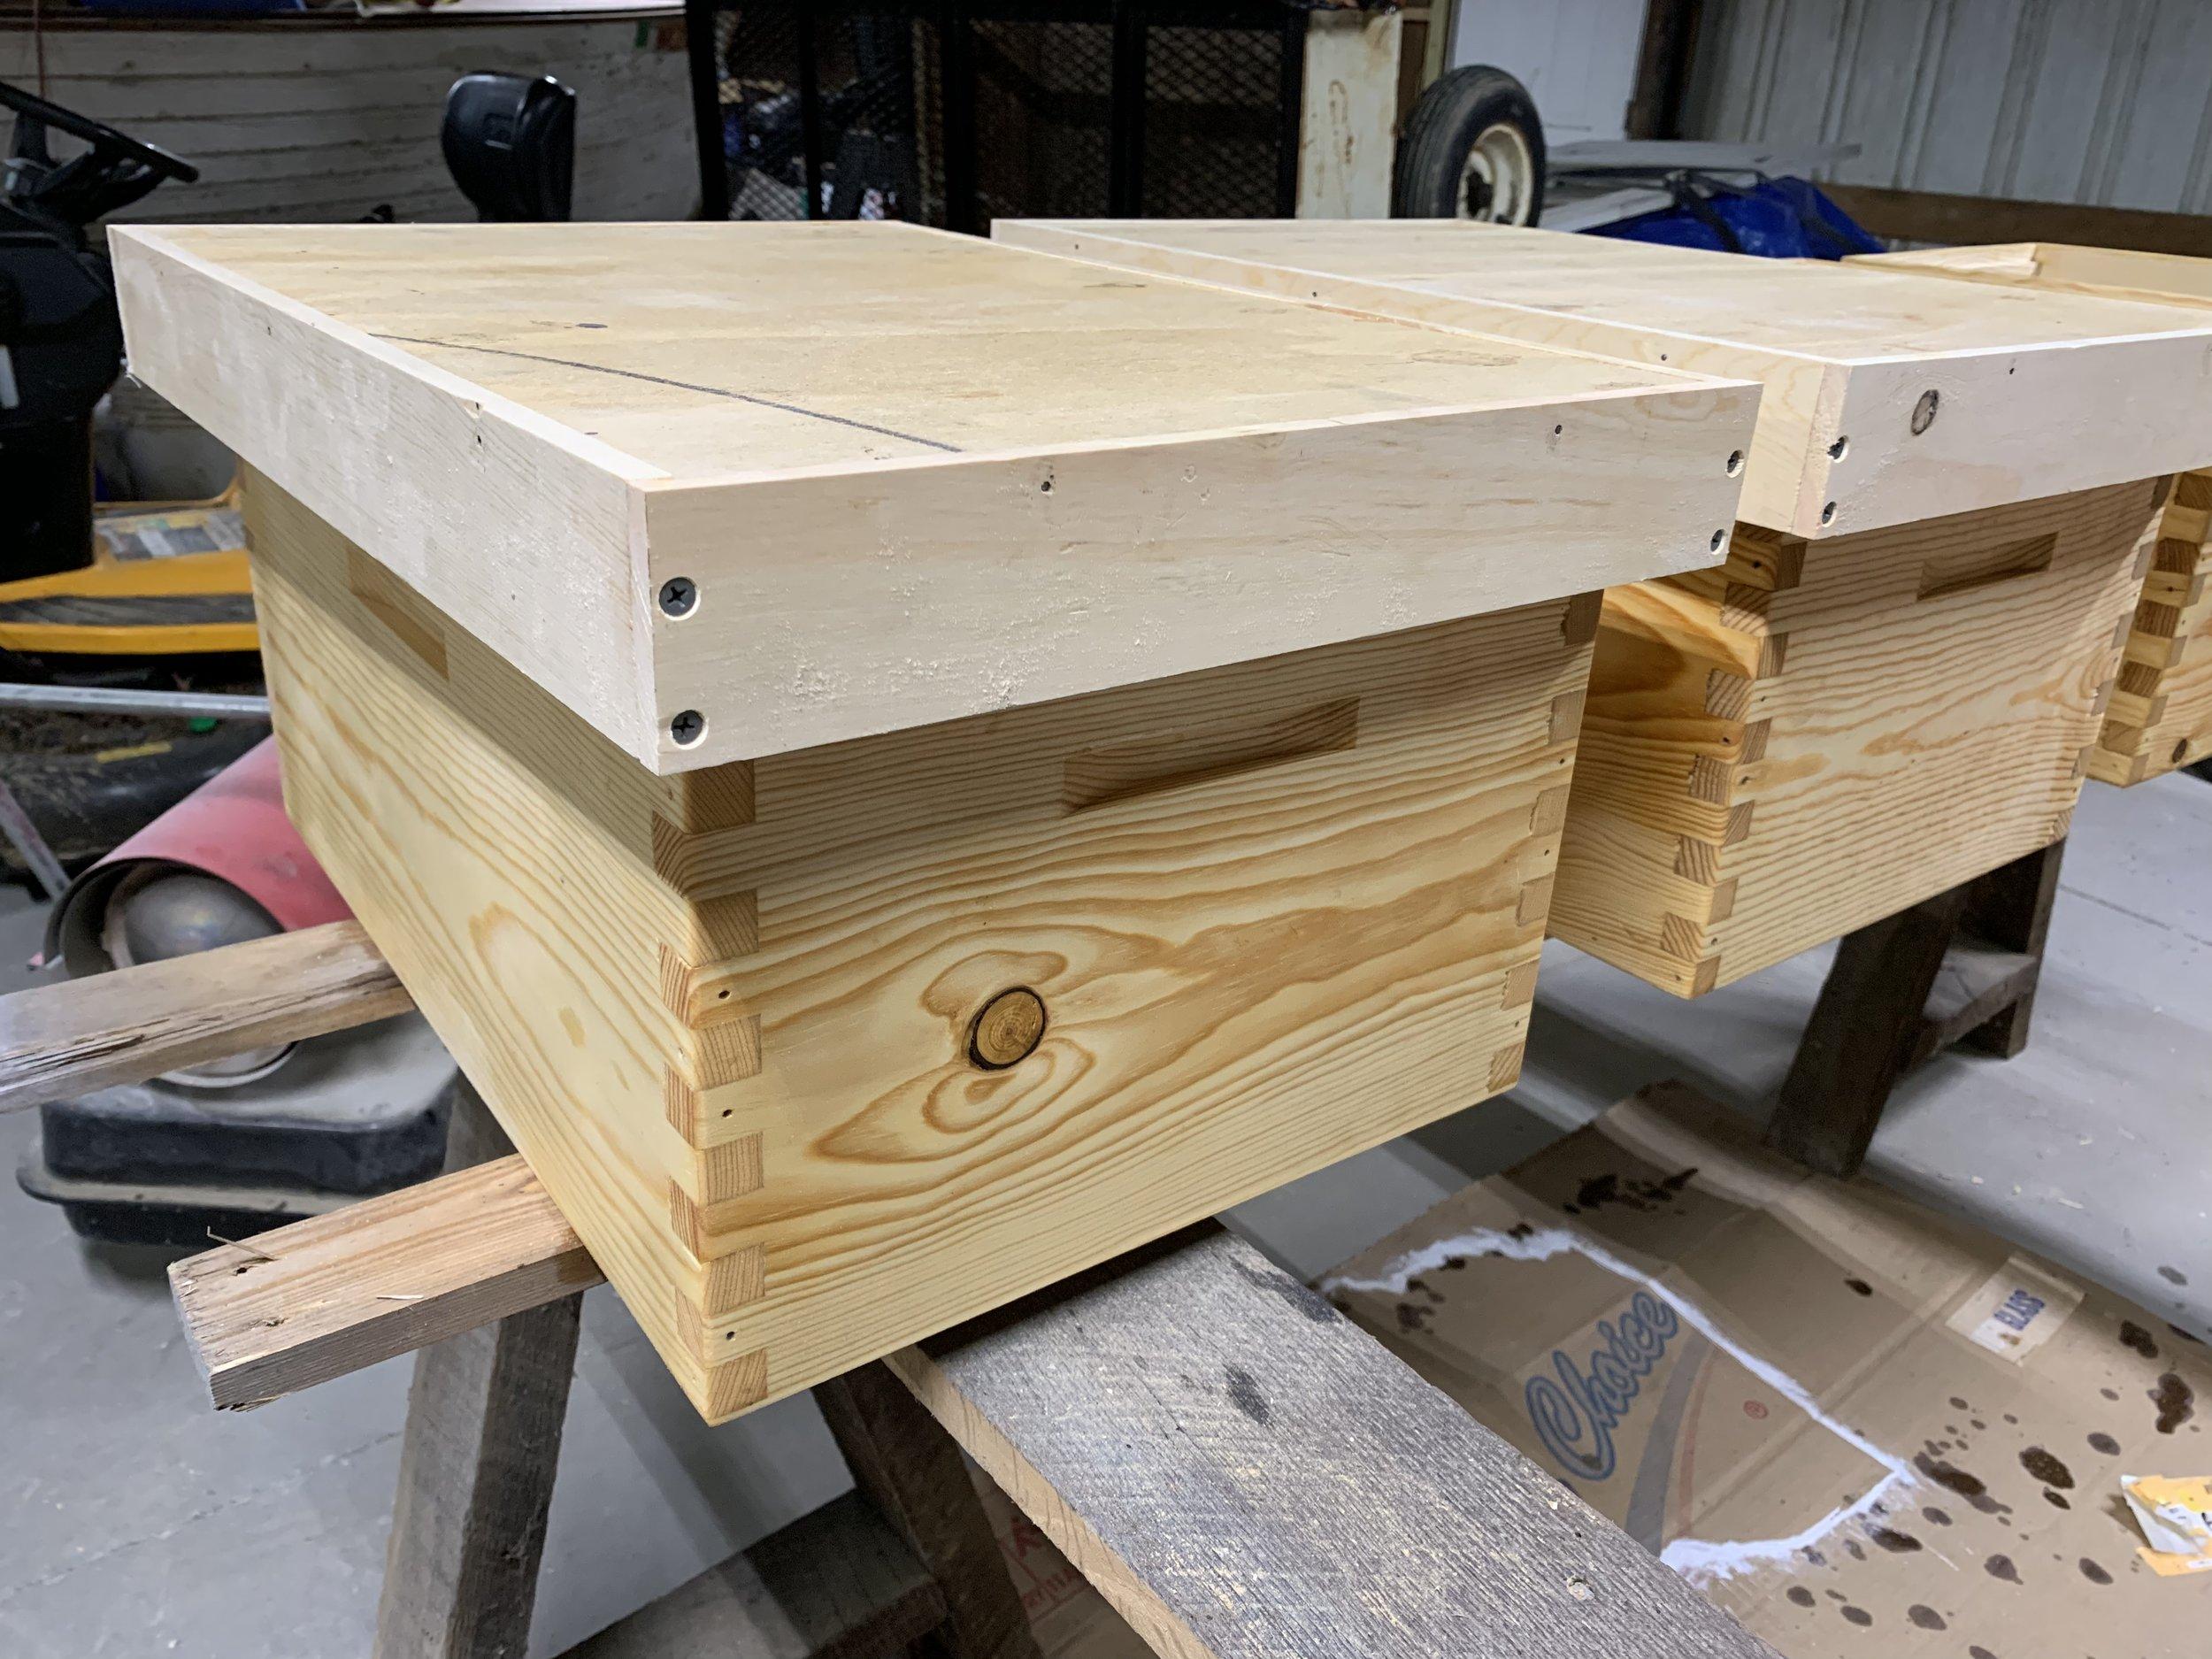 DIY langstoth hive cover